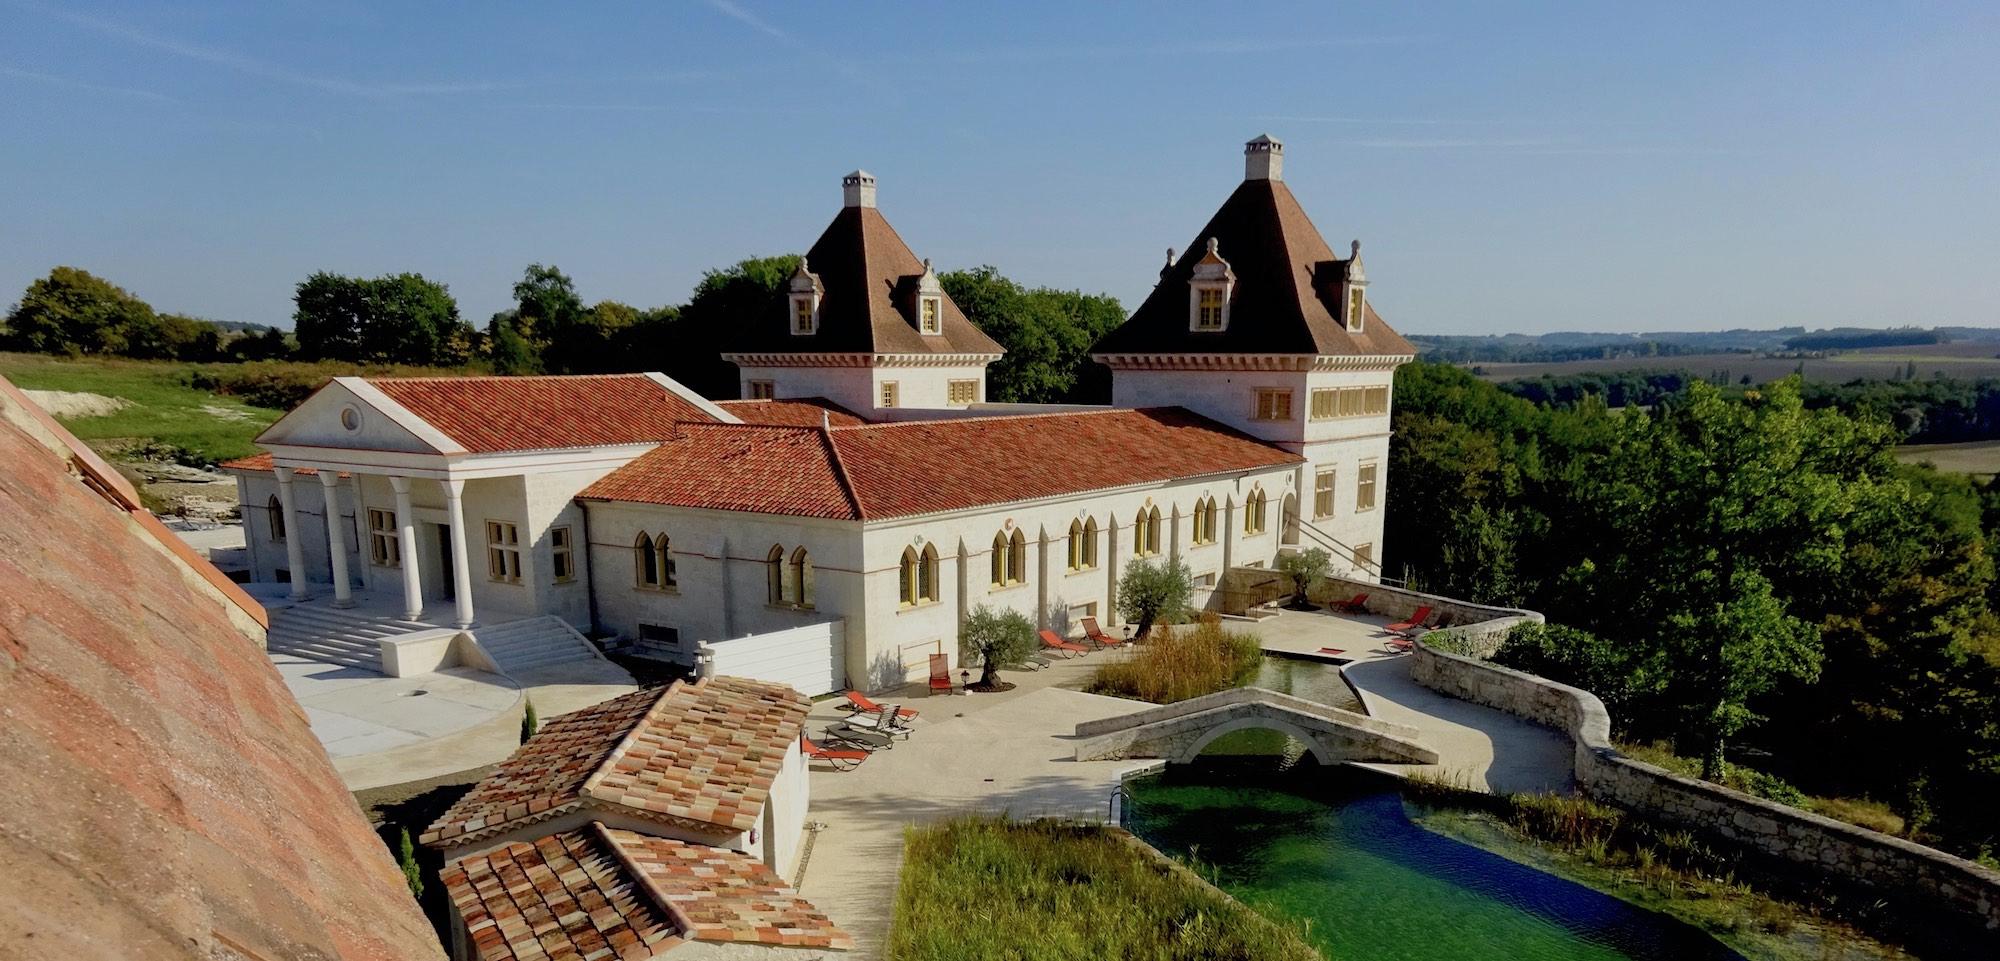 château piscine jeune confort luxe 2000x960 - Gers - Château de Guirauton